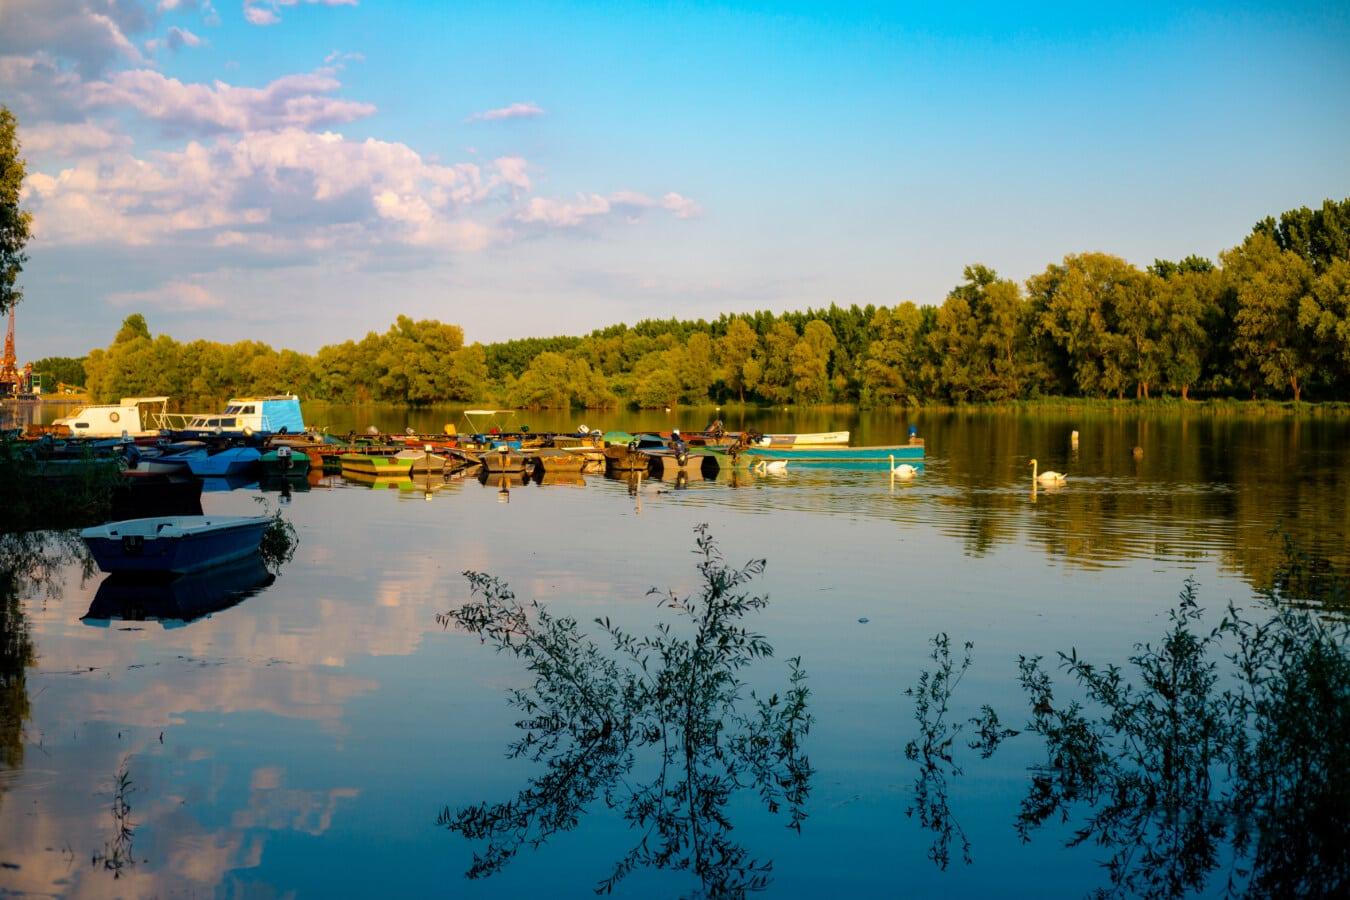 calme, au bord du lac, crépuscule, soirée, port, placide, atmosphère, réflexion, eau, paysage